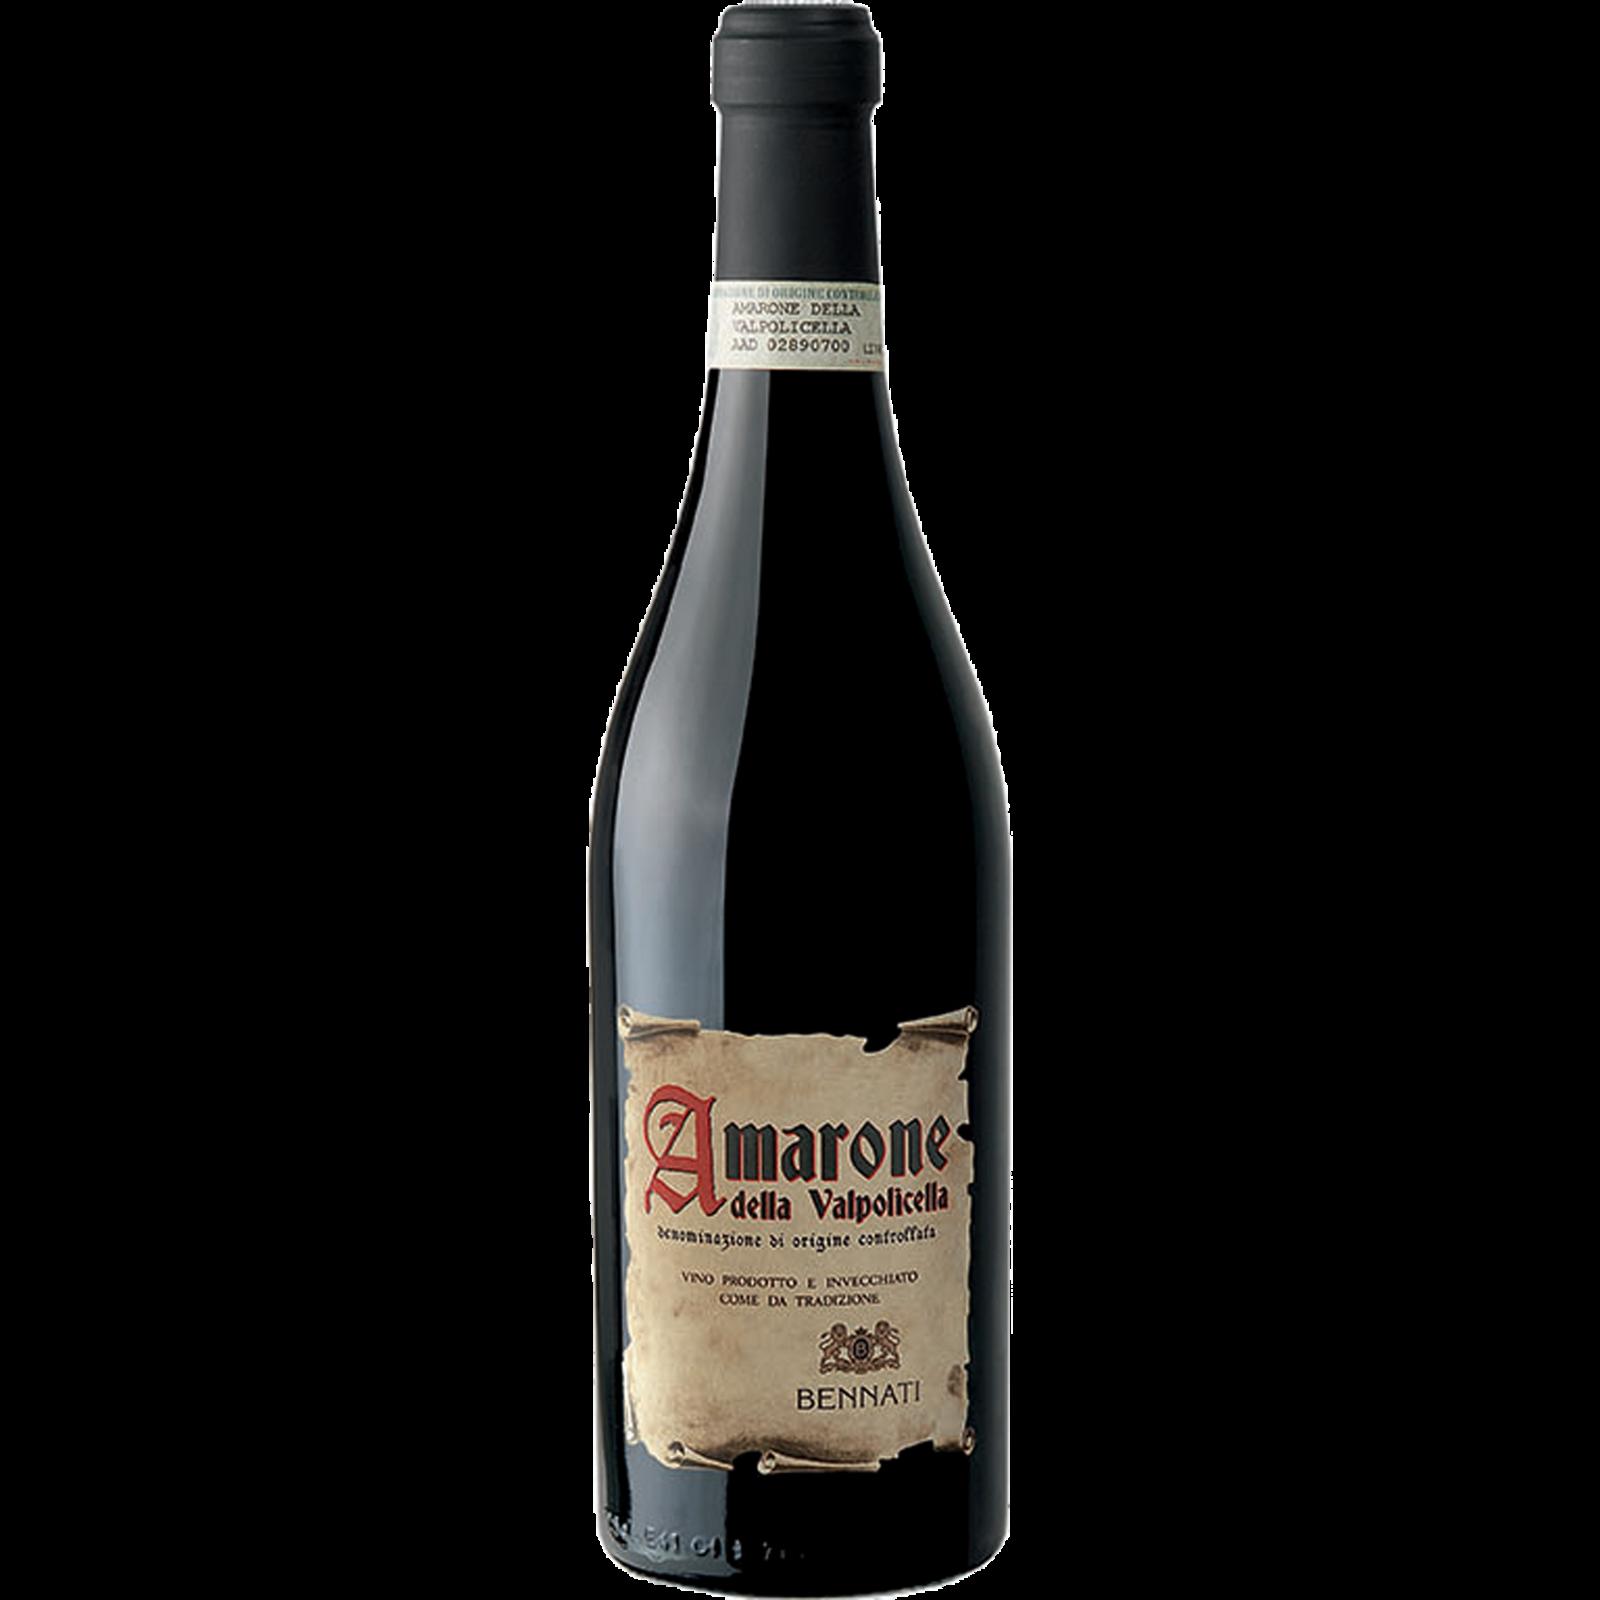 Casa Vinicola Bennati Casa Vinicola Bennati Amarone della Valpolicella 2016 (1/2 fles)